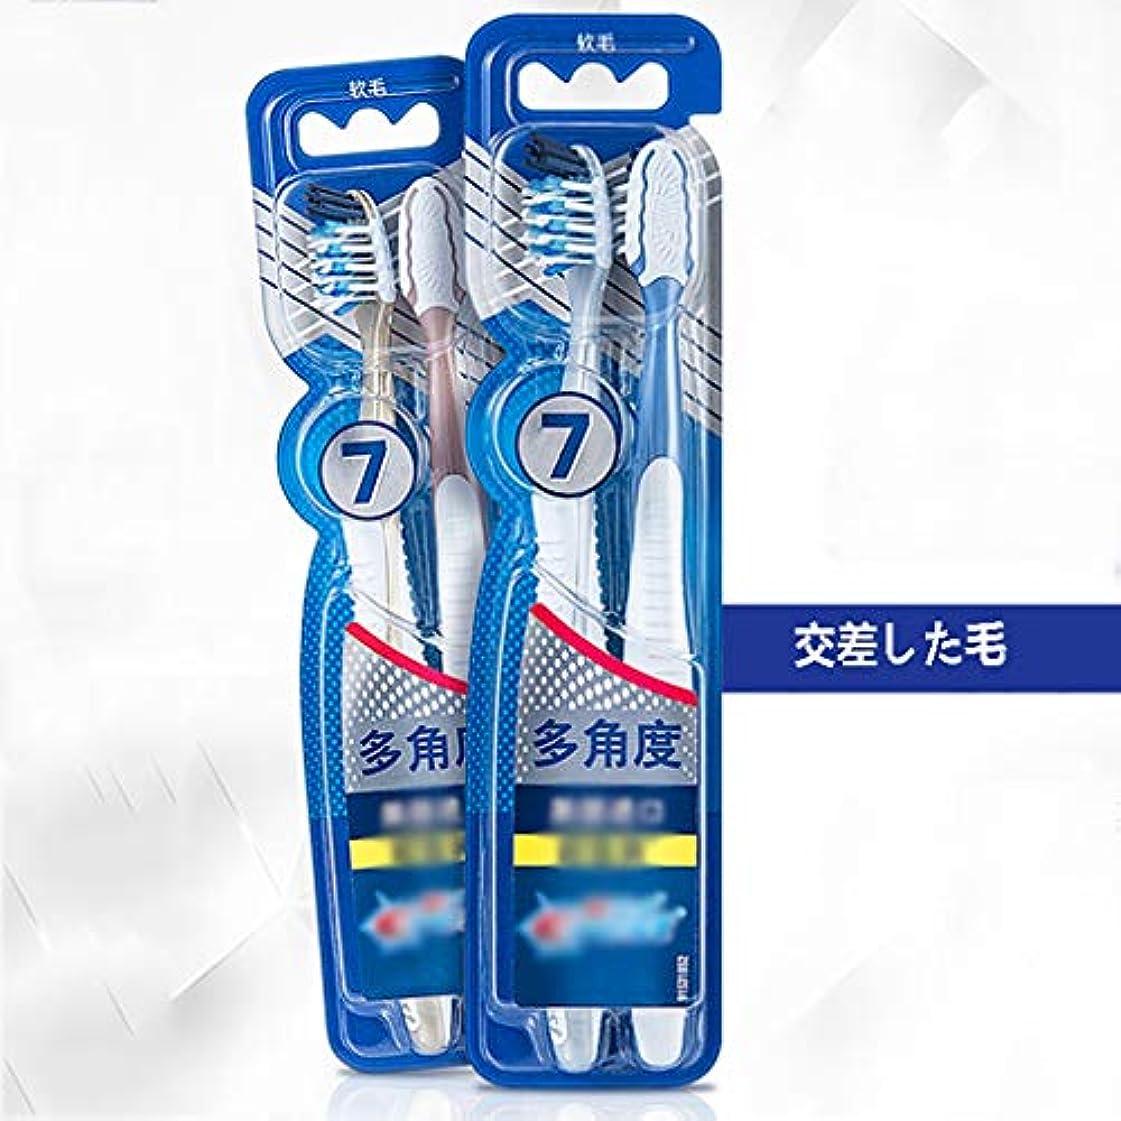 ノベルティ良い国籍大人歯ブラシ、ソフト髪家族歯ブラシ、8パック(ランダムカラー)